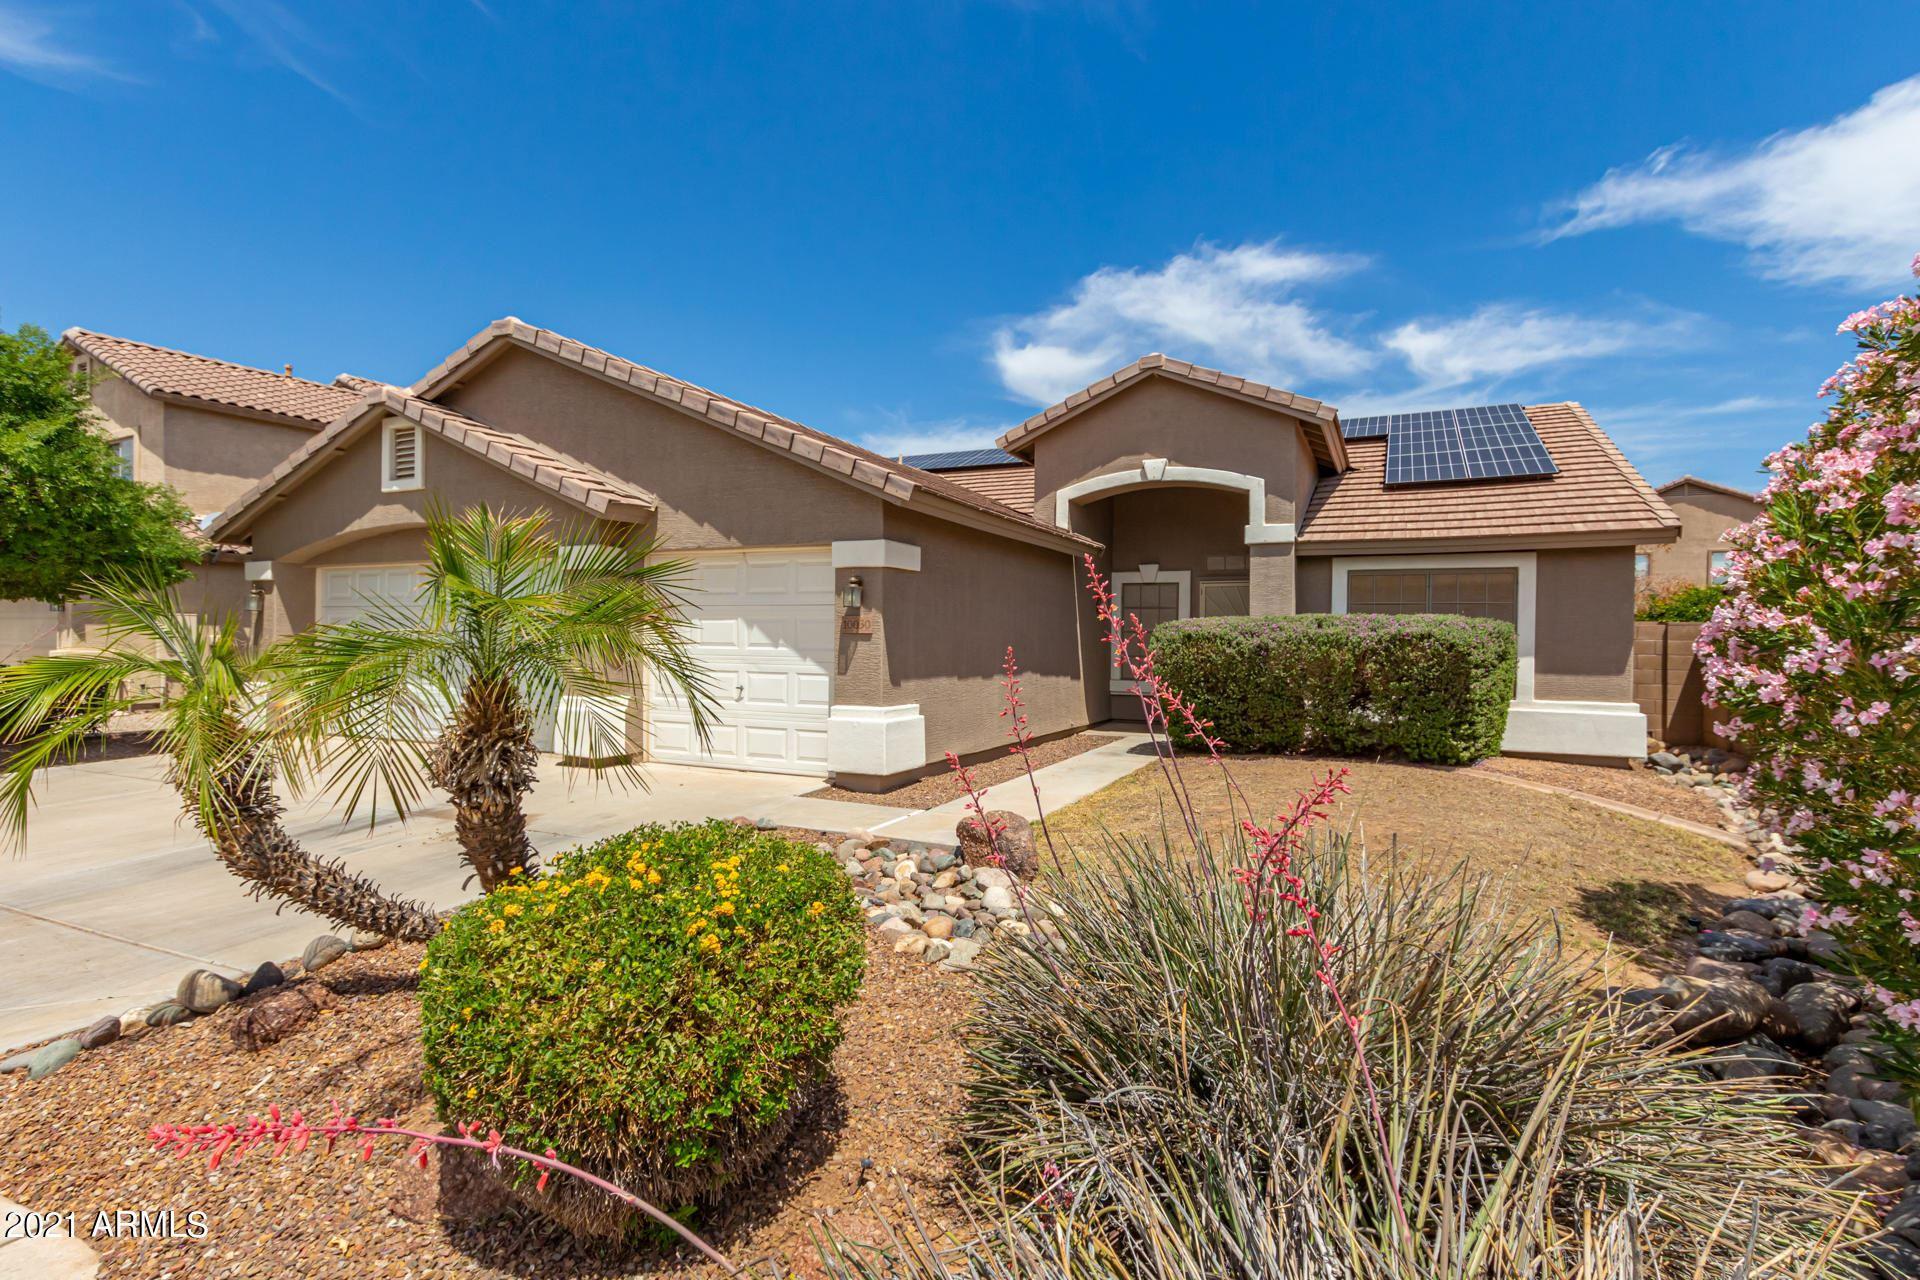 10030 E POSADA Avenue, Mesa, AZ 85212 - MLS#: 6232028